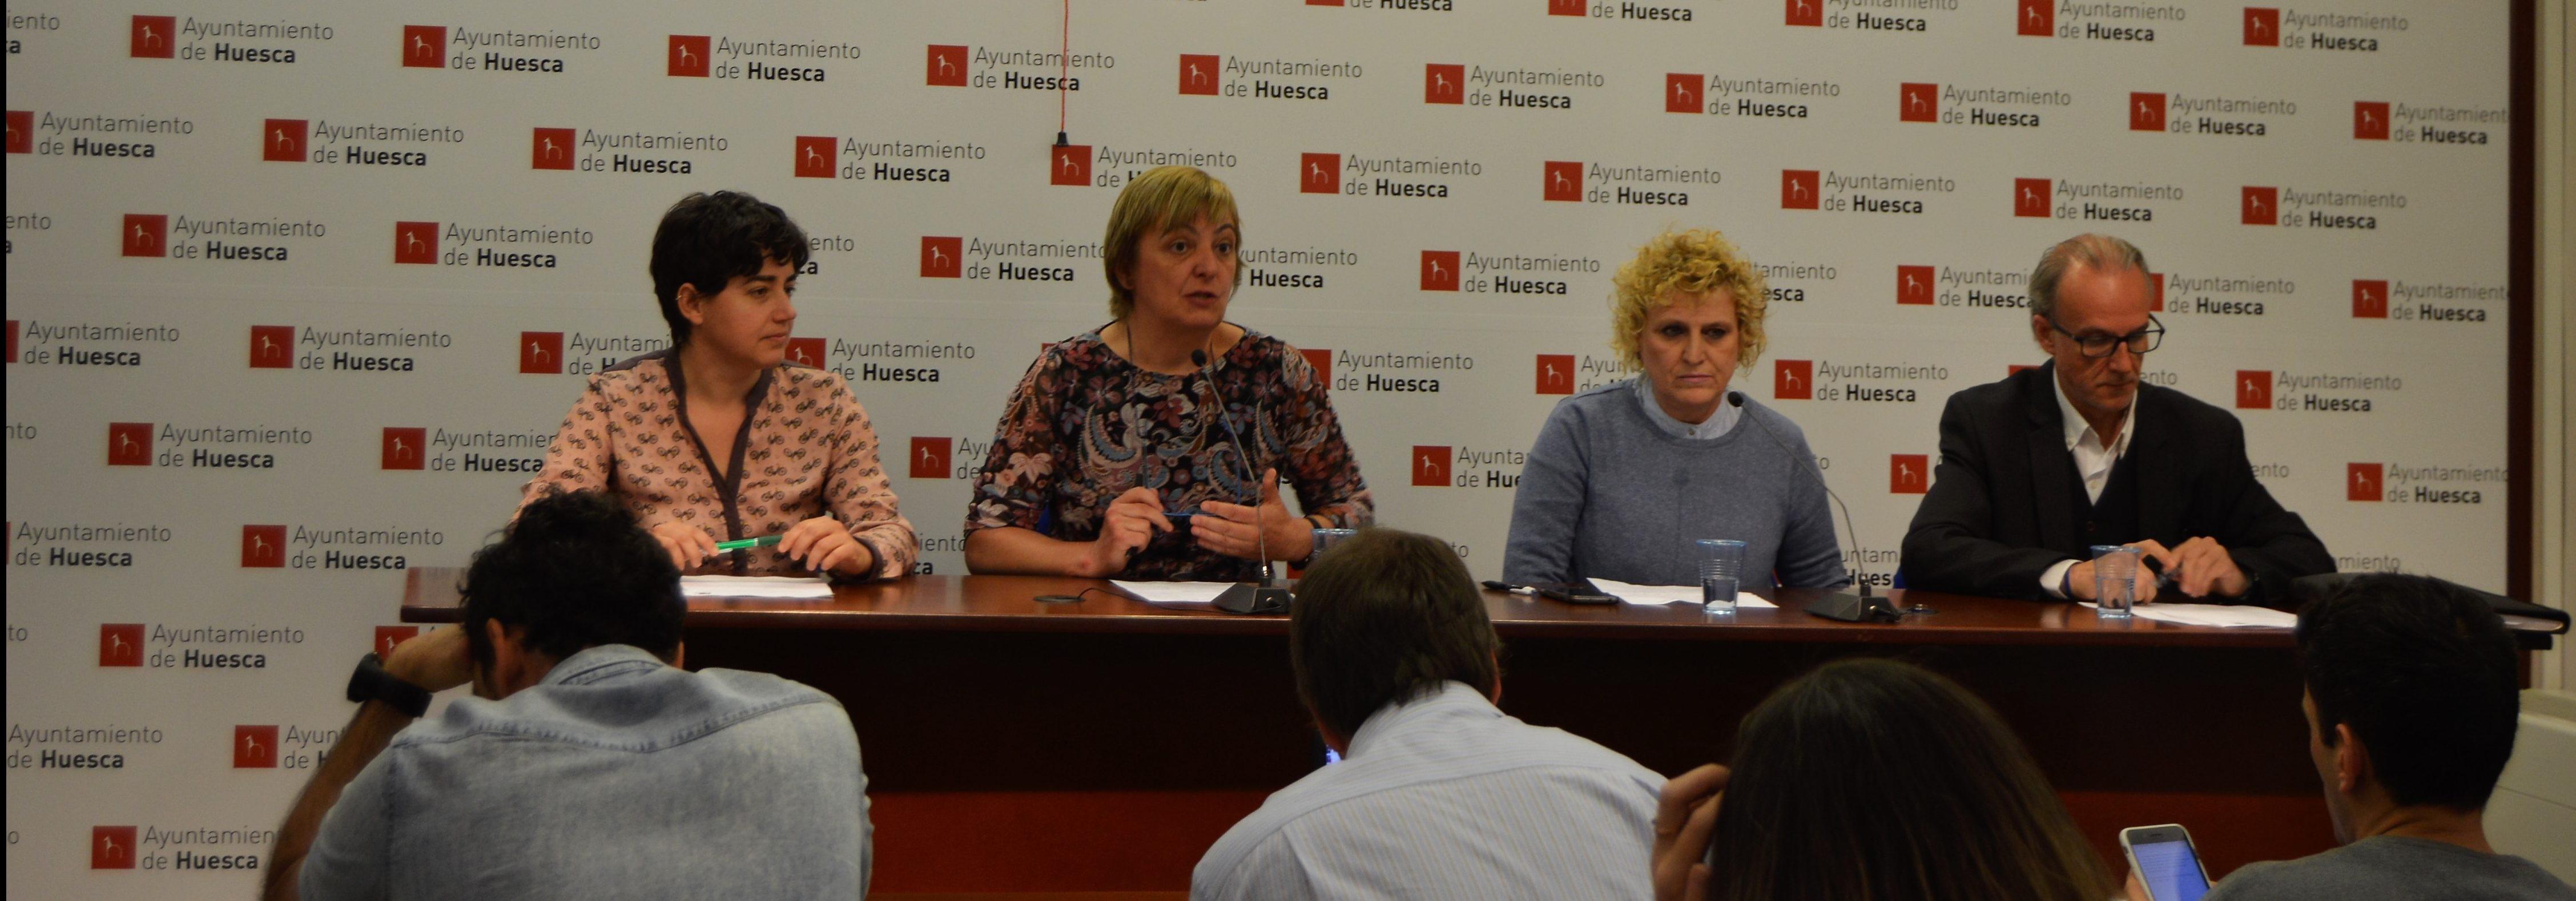 Cambiar Huesca entiende que la isi³n de Investigaci³n tendrá una vida muy corta tras la respuesta del Gobierno